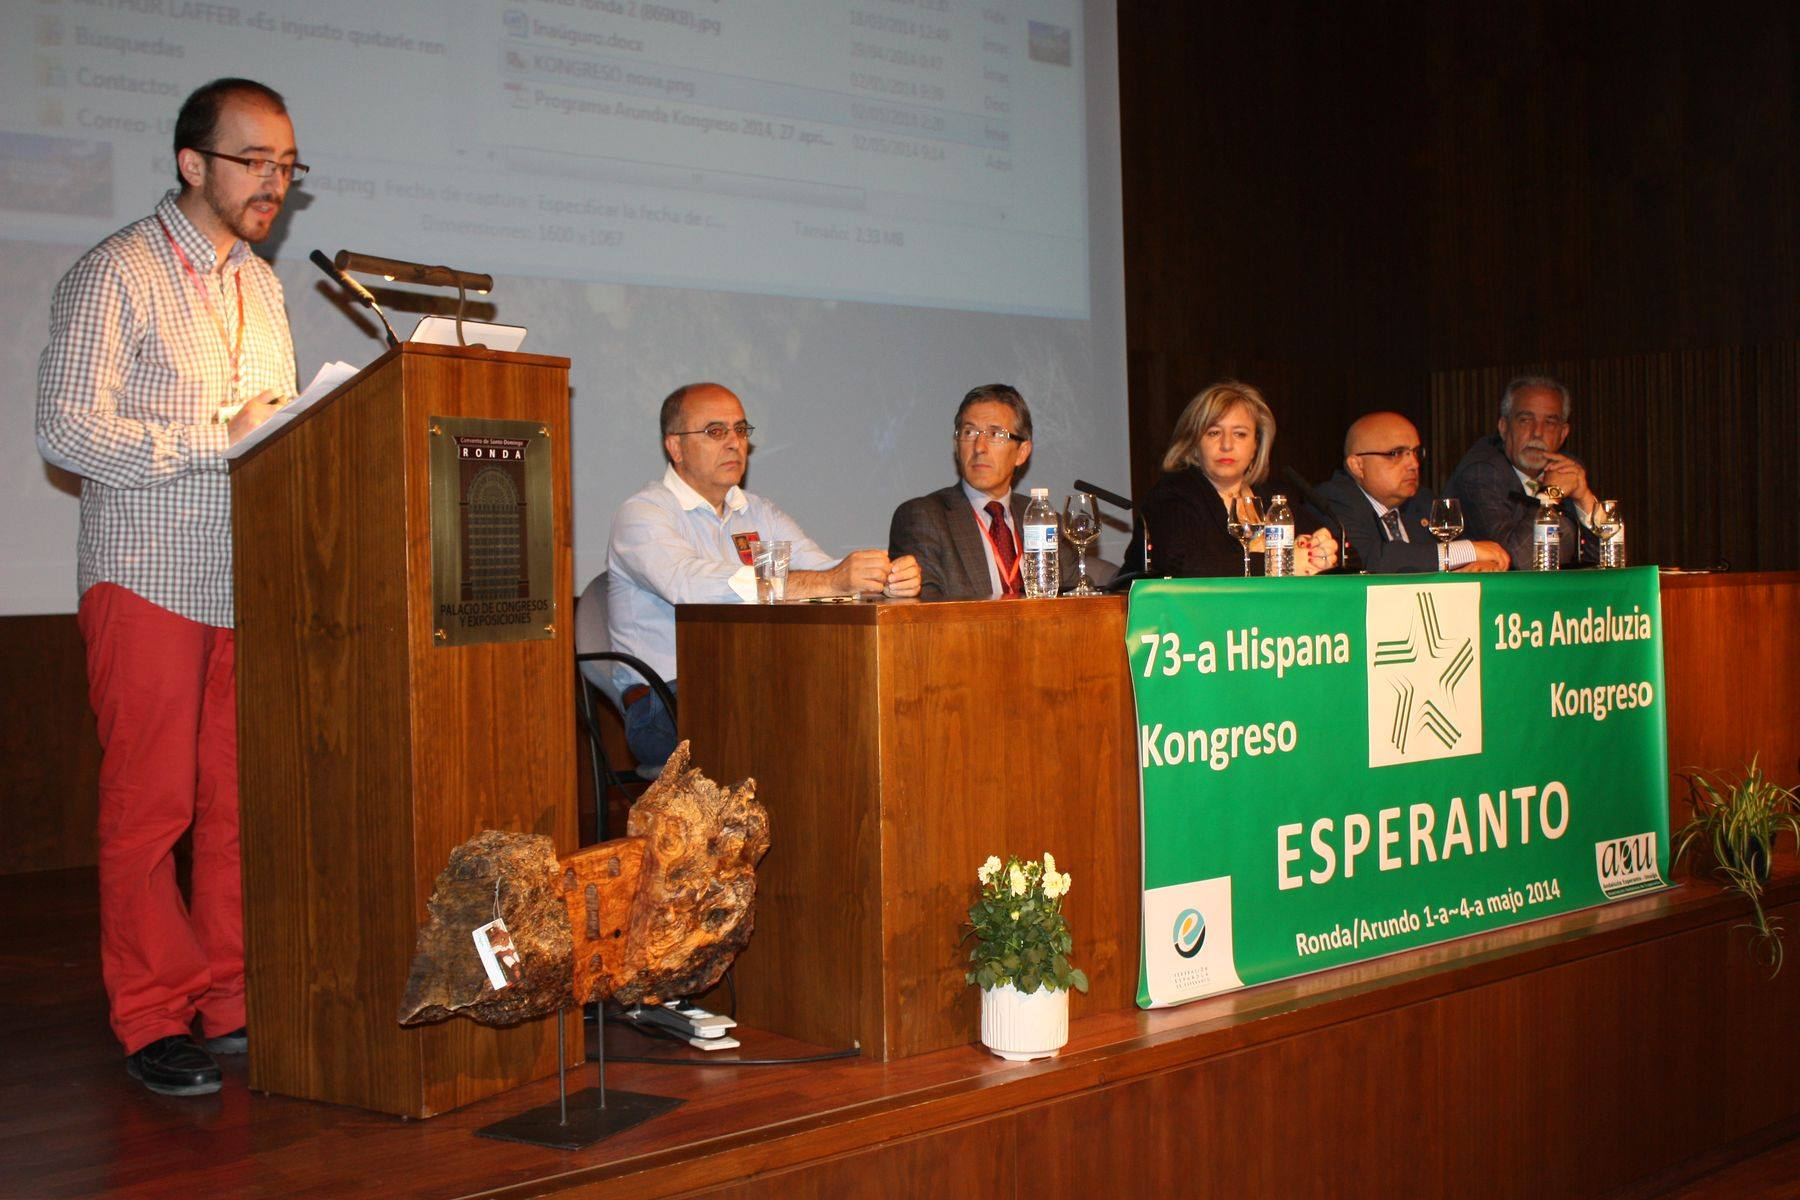 Inauguración del congreso de Ronda